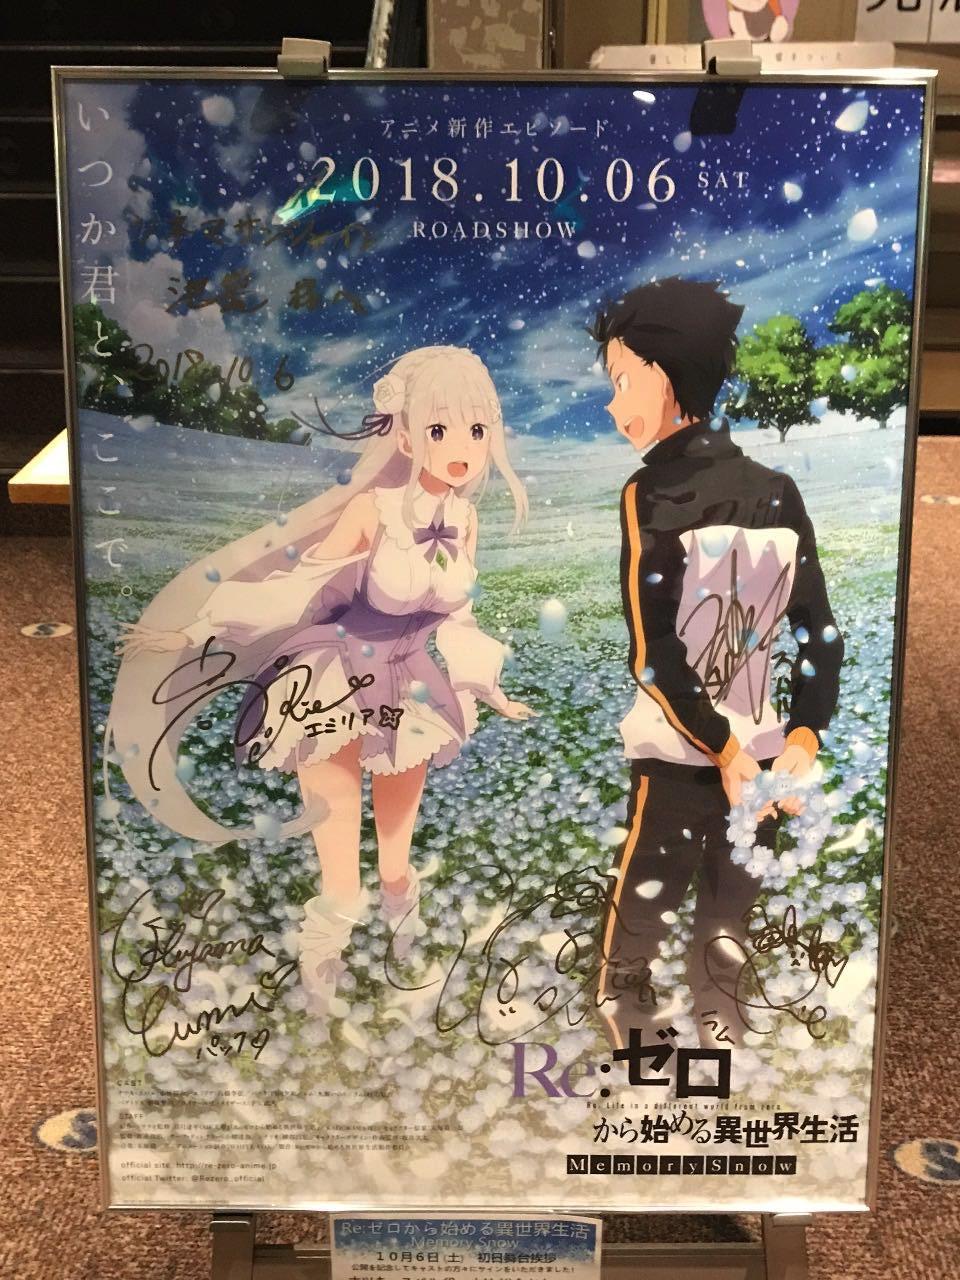 【感想】映画「Re:ゼロから始める異世界生活 Memory Snow」観てきた【ネタバレあり】